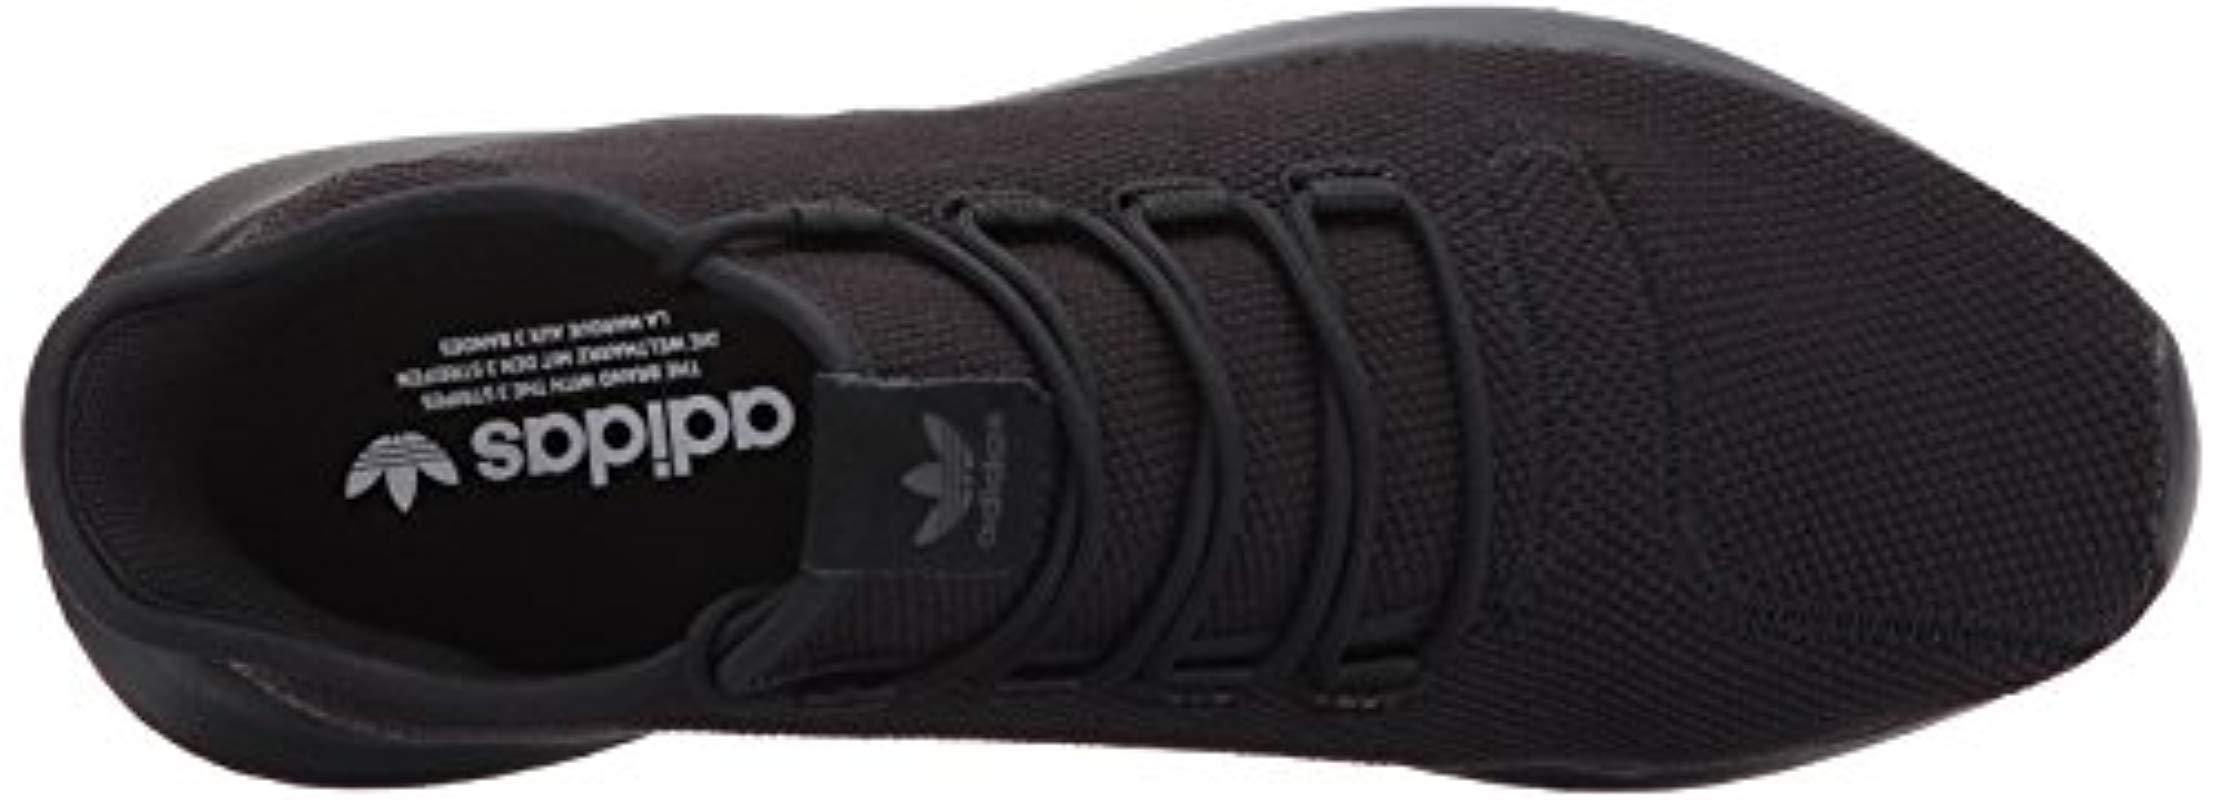 Tubular Shadow, Zapatillas para Hombre adidas de hombre de color Negro